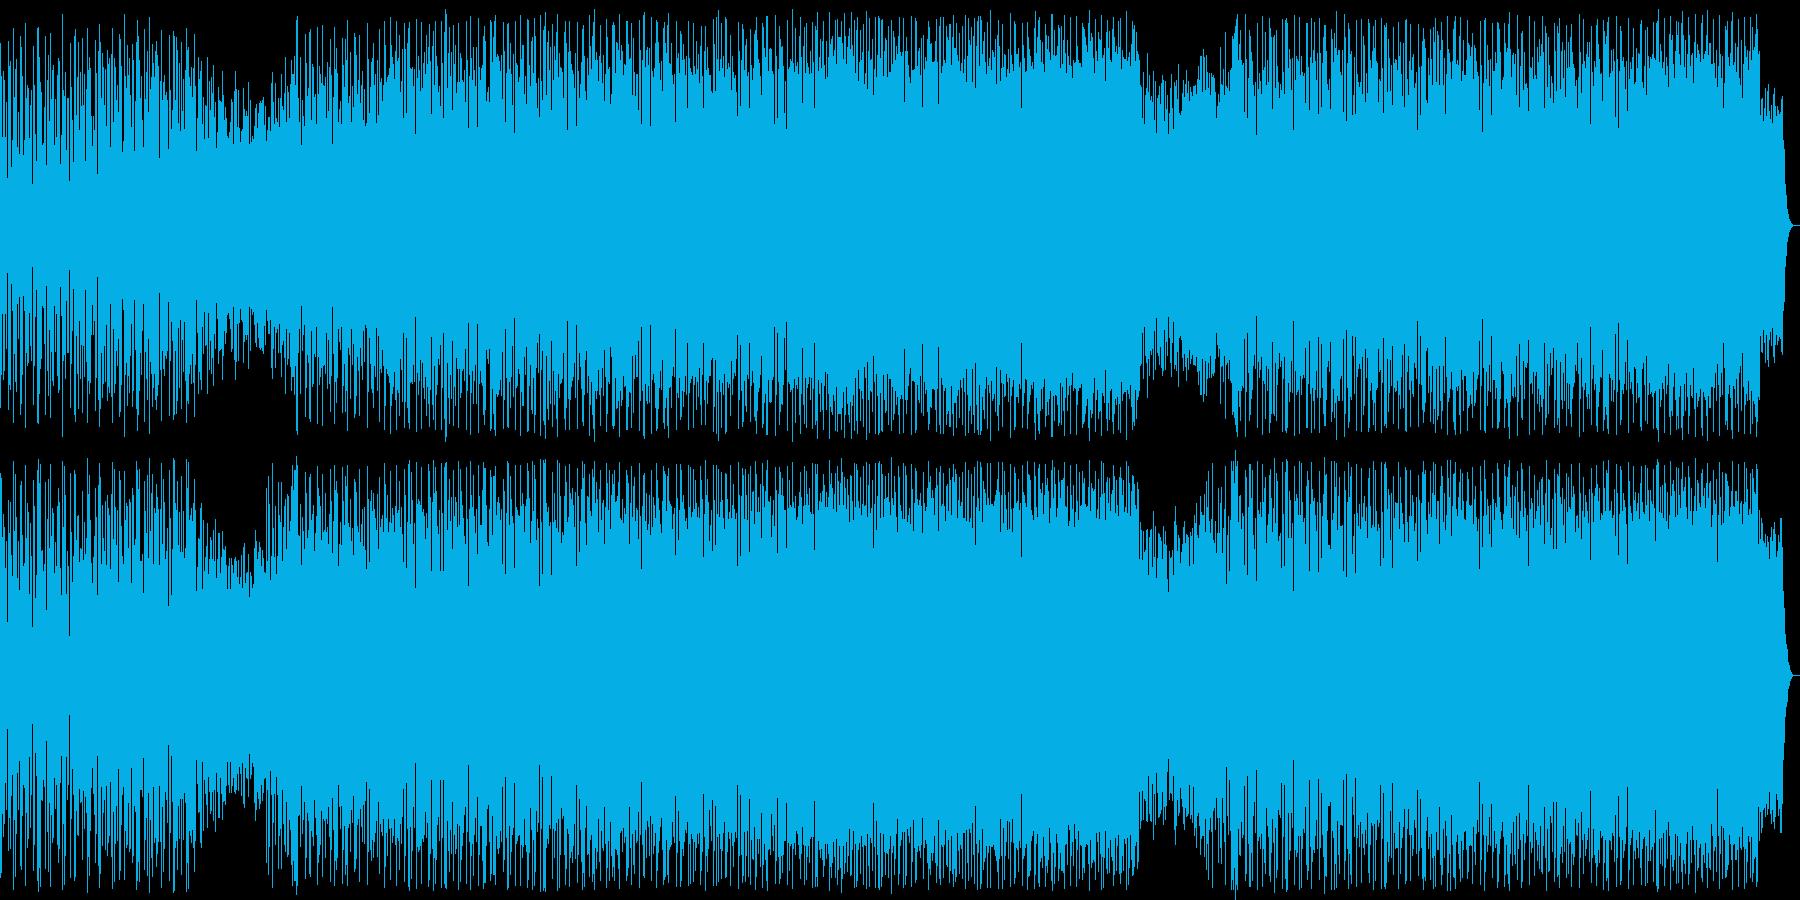 軽快な掛け声が盛り上がりを演出する曲の再生済みの波形